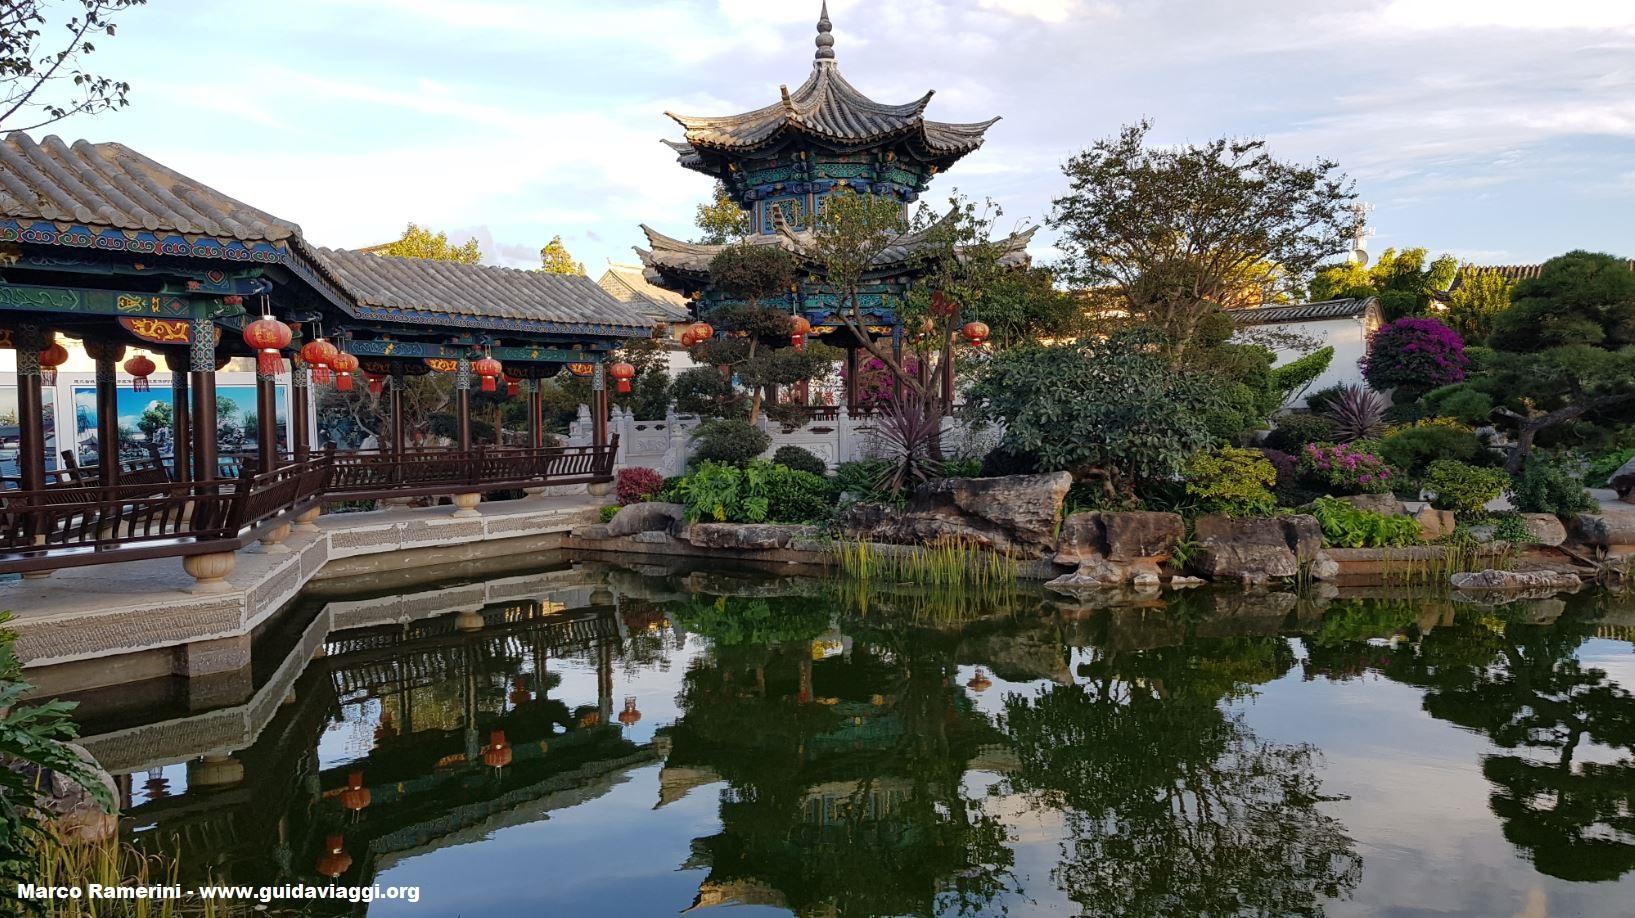 Jardín de la casa de la familia Zhu, Jianshui, Yunnan, China. Autor y Copyright Marco Ramerini.